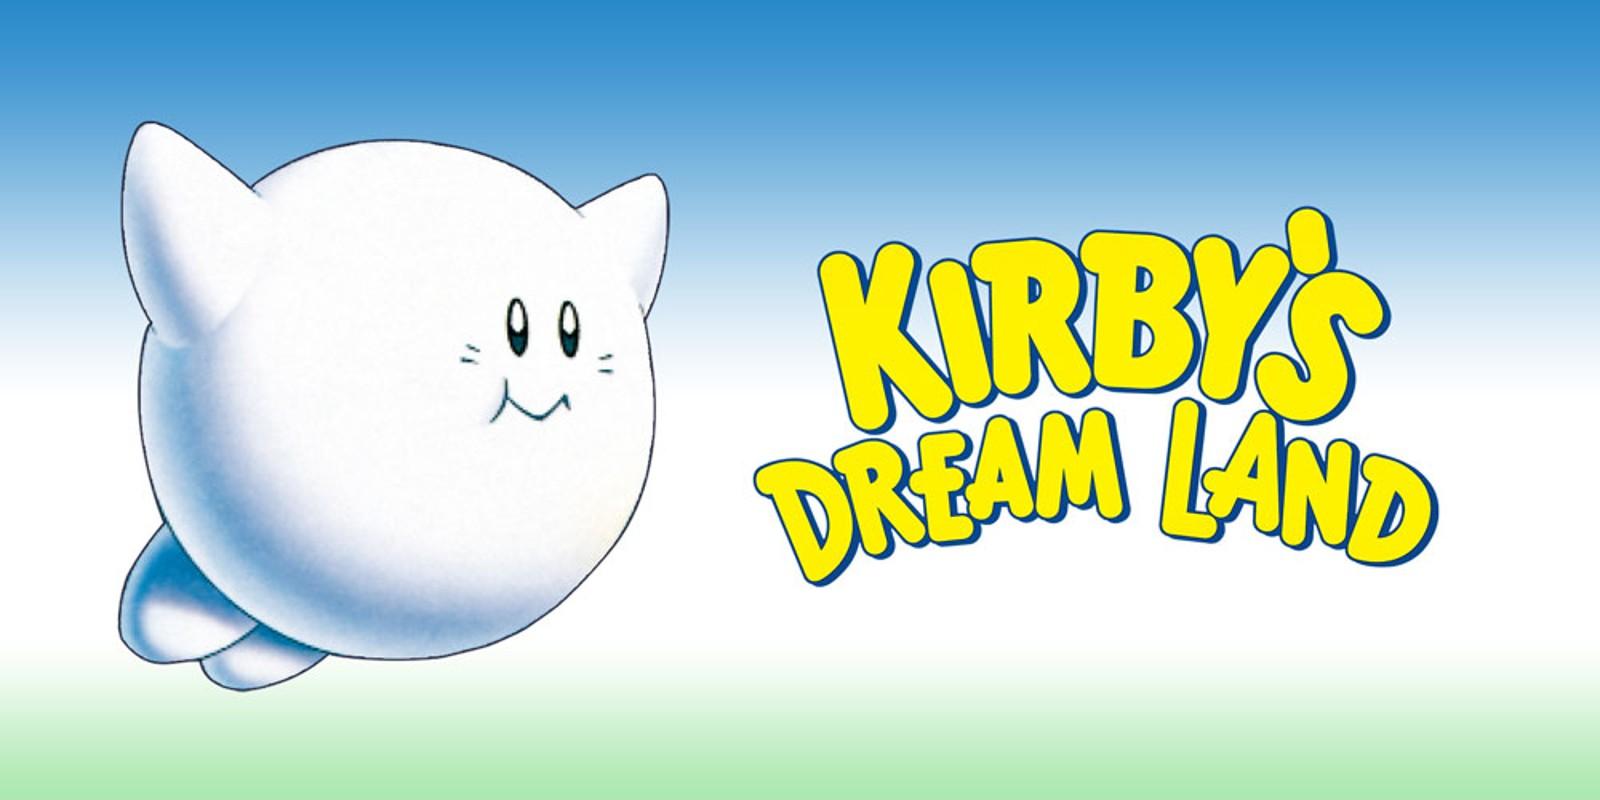 SI_3DSVC_KirbysDreamland_image1600w.jpg